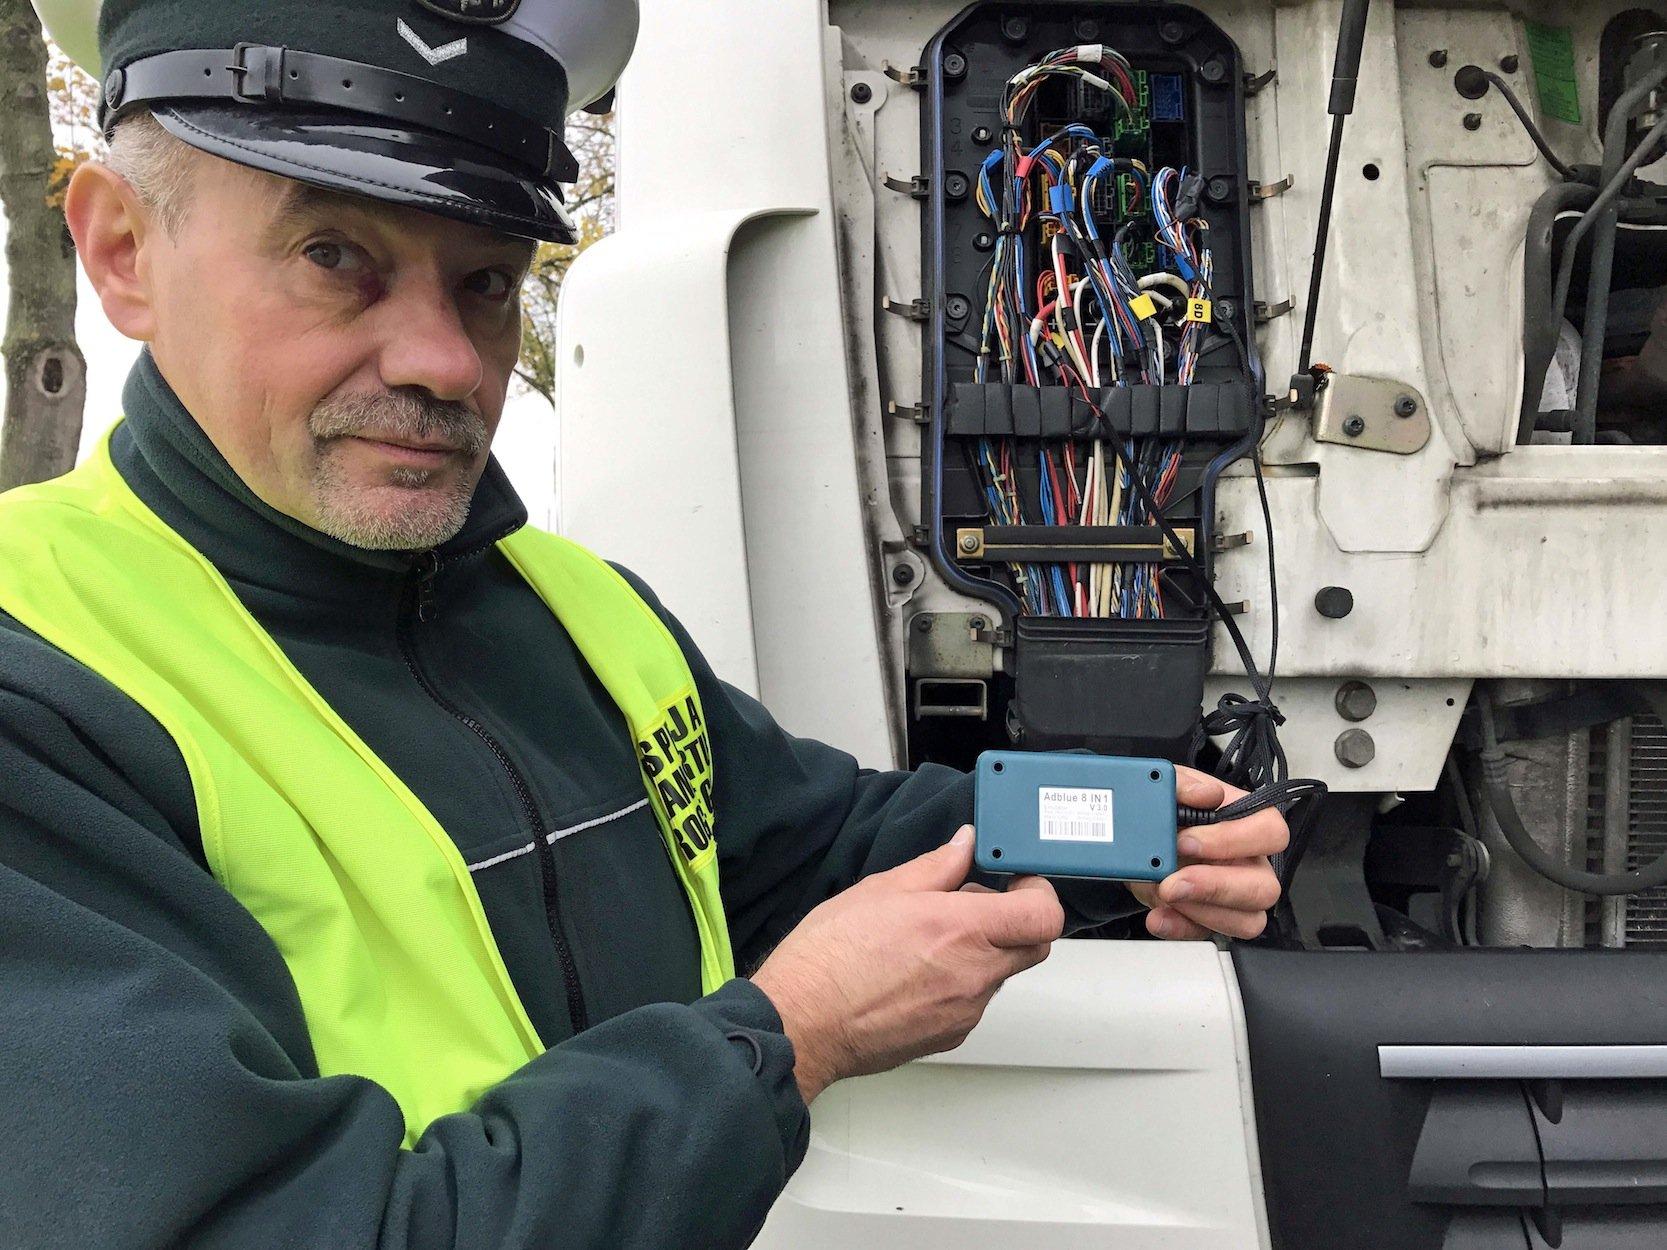 Kleiner Kasten mit großer Wirkung: Ein polnischer Polizist zeigt den AdBlue-Emulator, mit dem offenbar rund 20 % osteuropäischer Lkw in Deutschland unterwegs sind. Dadurch können die Lkw auch ohne AdBlue fahren.